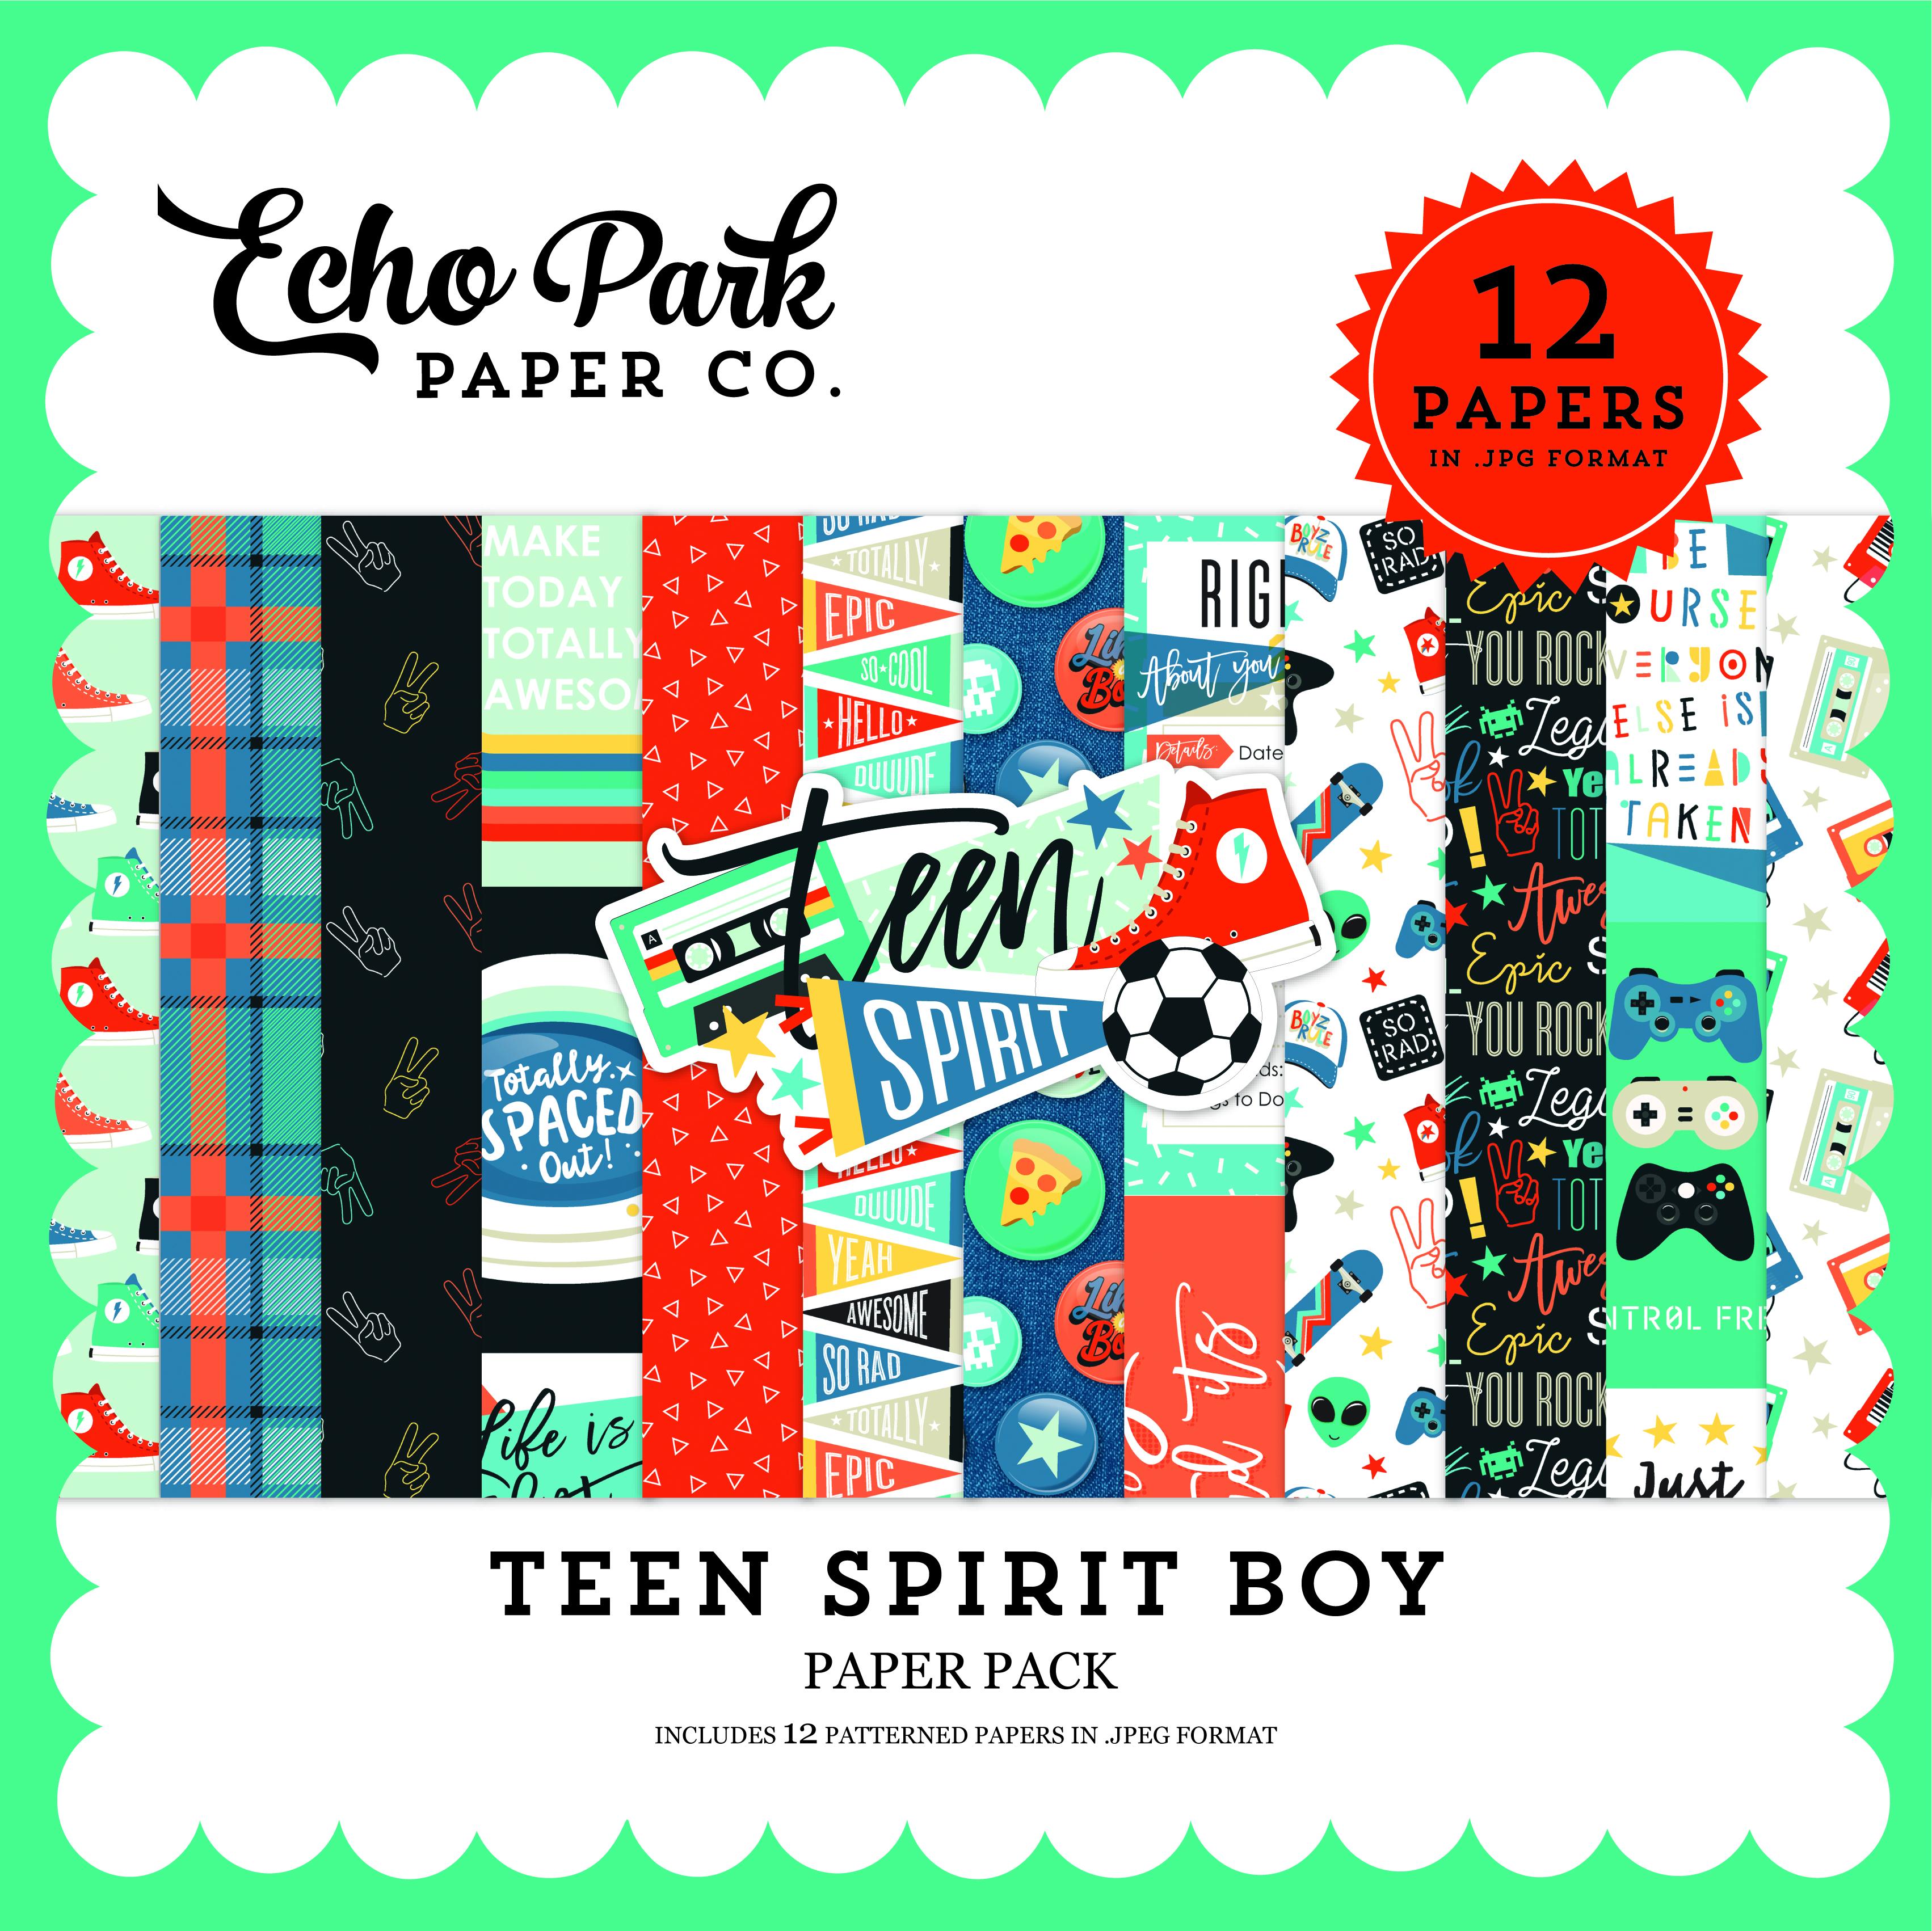 Teen Spirit Boy Paper Pack